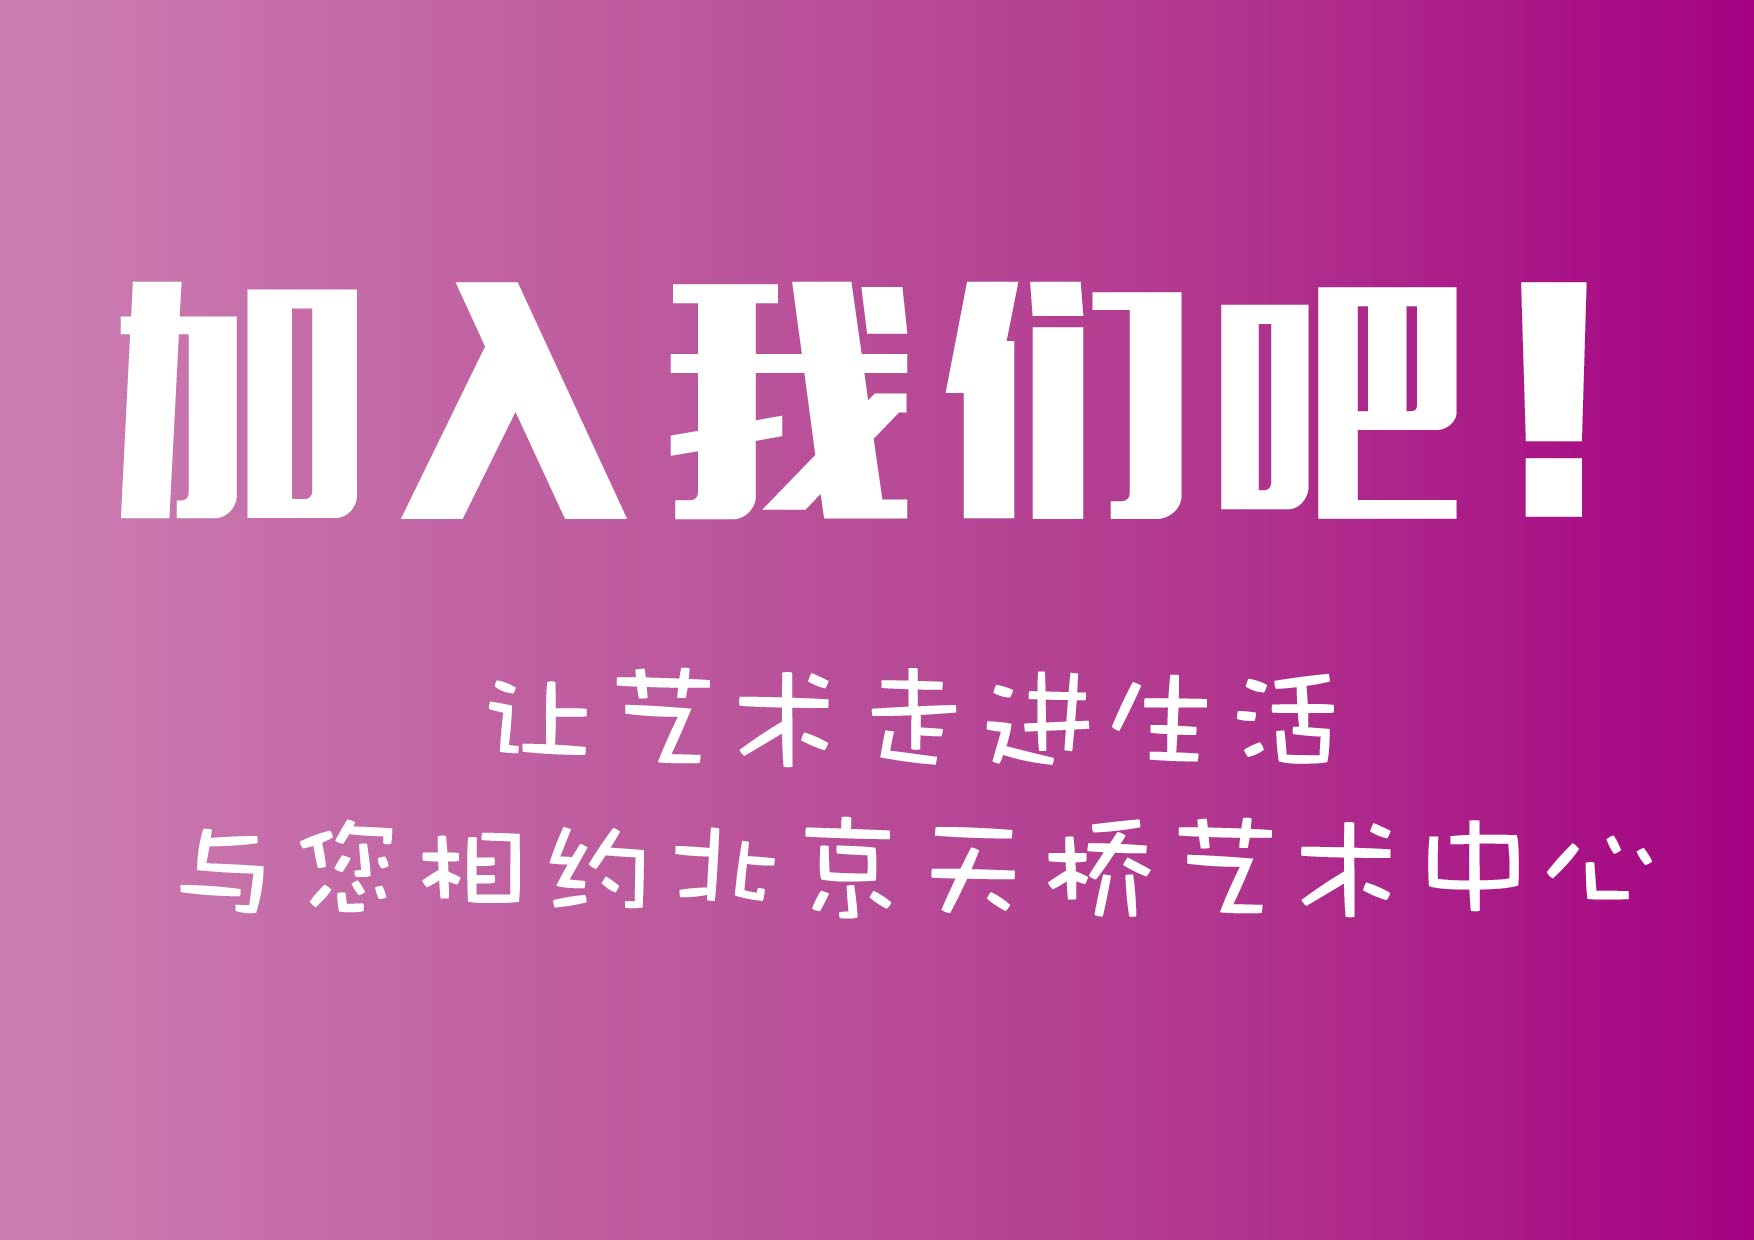 北京天橋藝術中心會員俱樂部歡迎您的加入